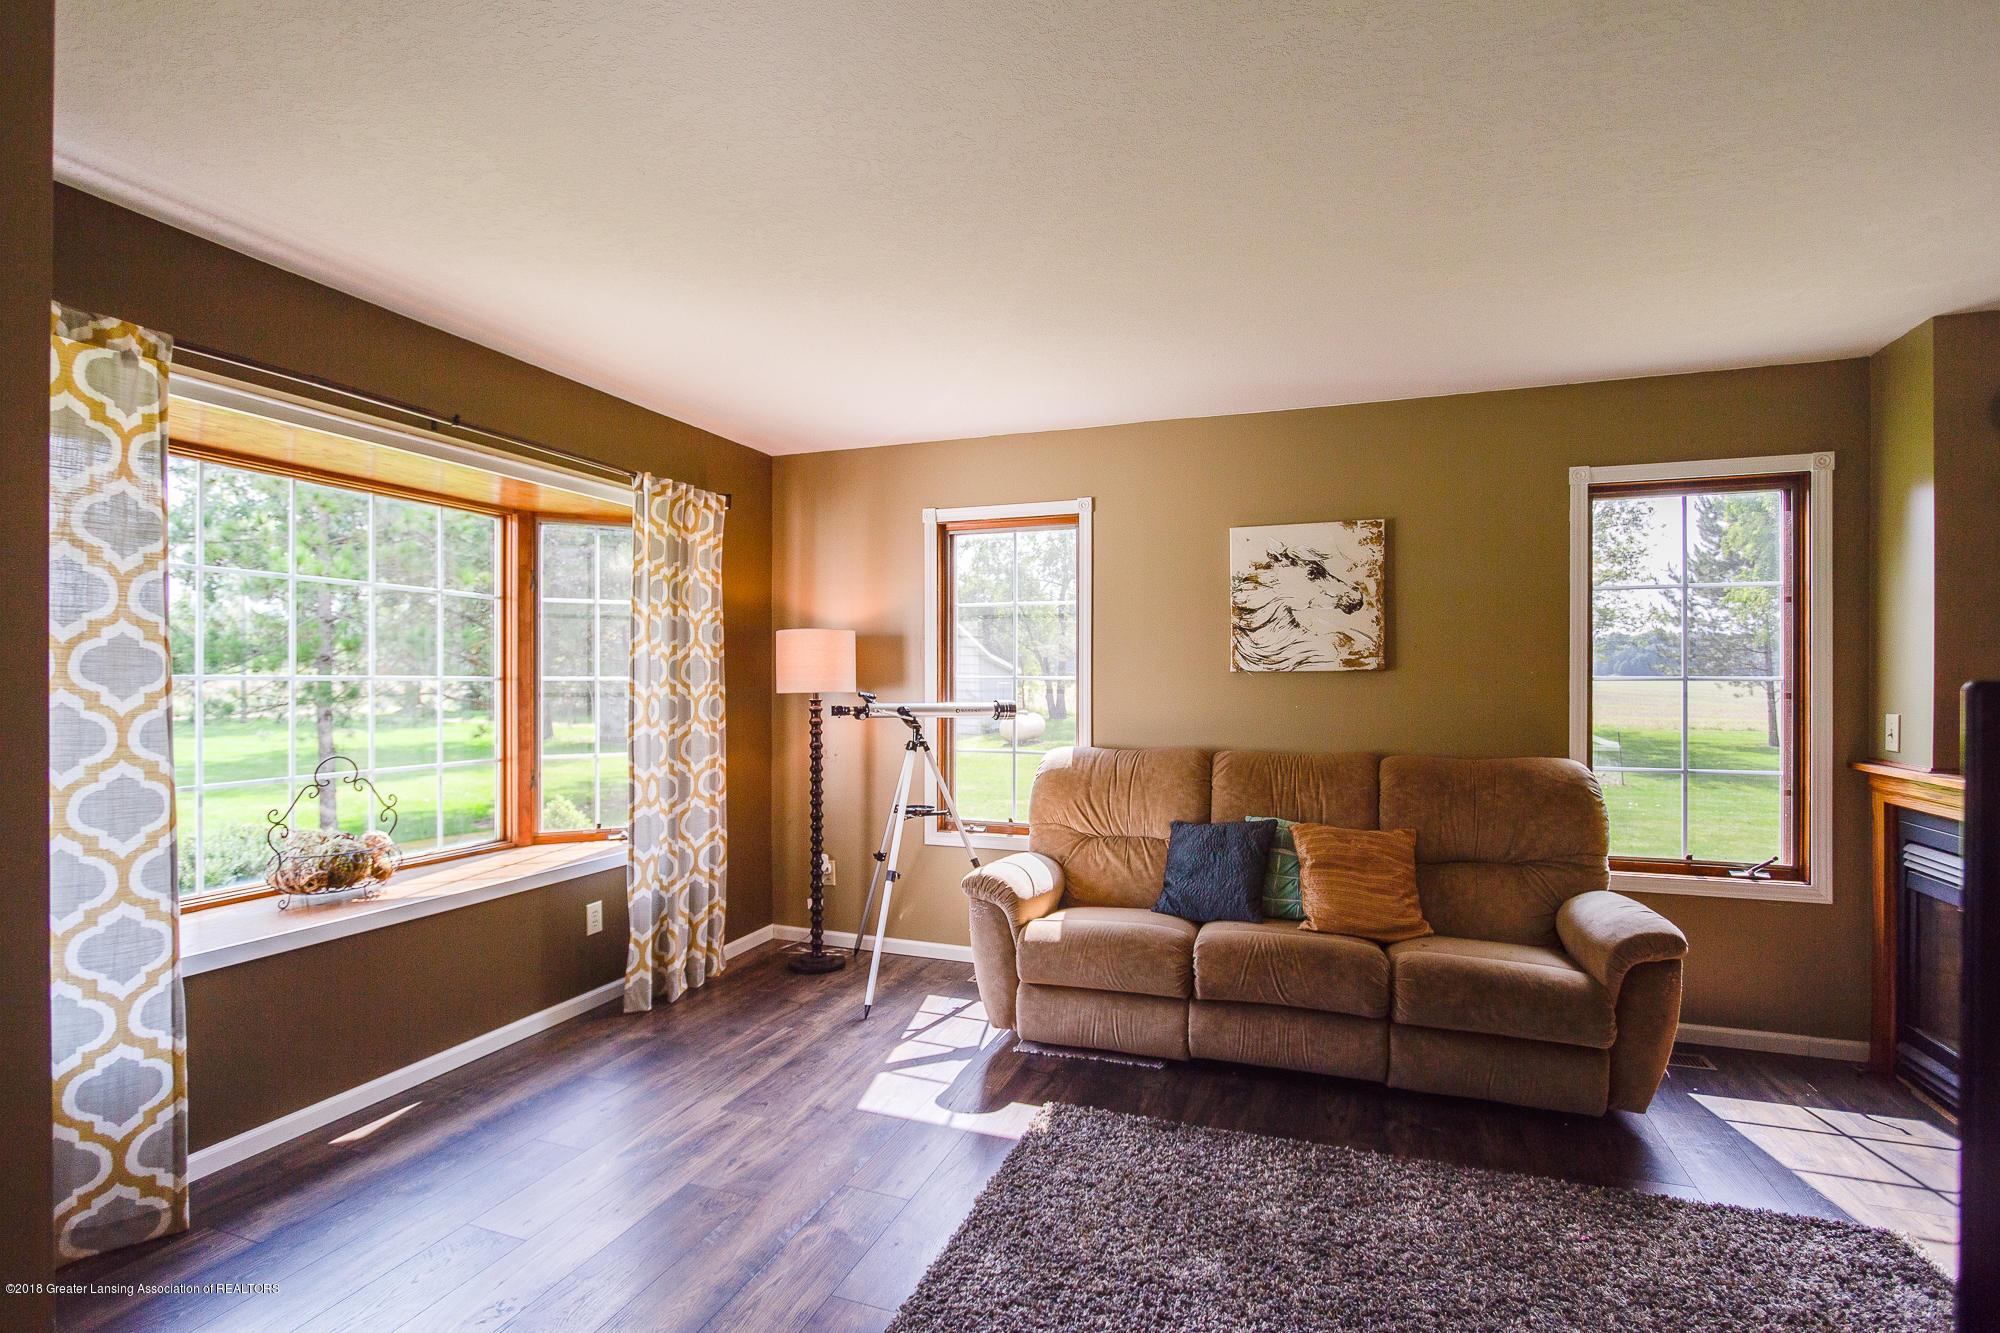 3763 N Airport Rd - Living Room - 13